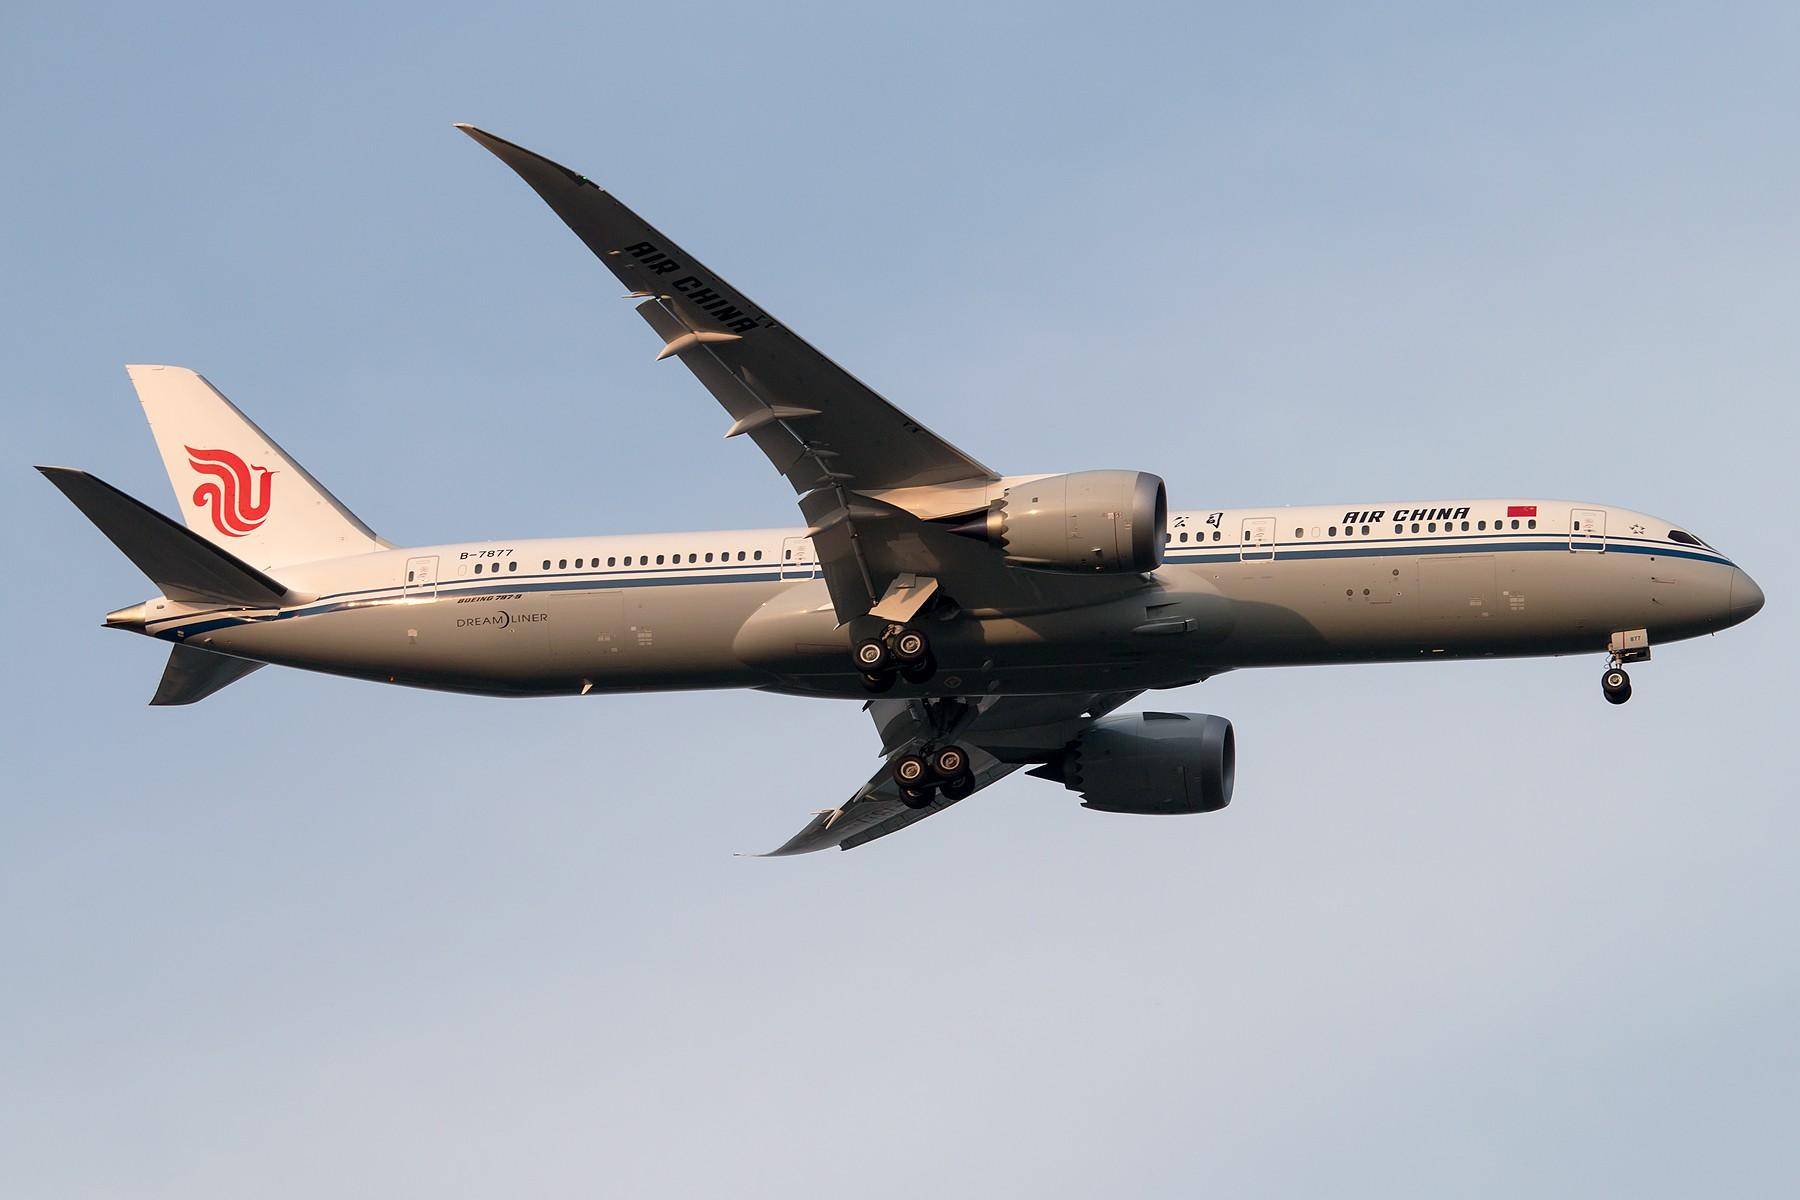 [一图党] 中国国际航空 B-7877 B787-9 Dreamliner 解决个有无 渣图一张 1800*1200 BOEING 787-9 B-7877 中国北京首都国际机场